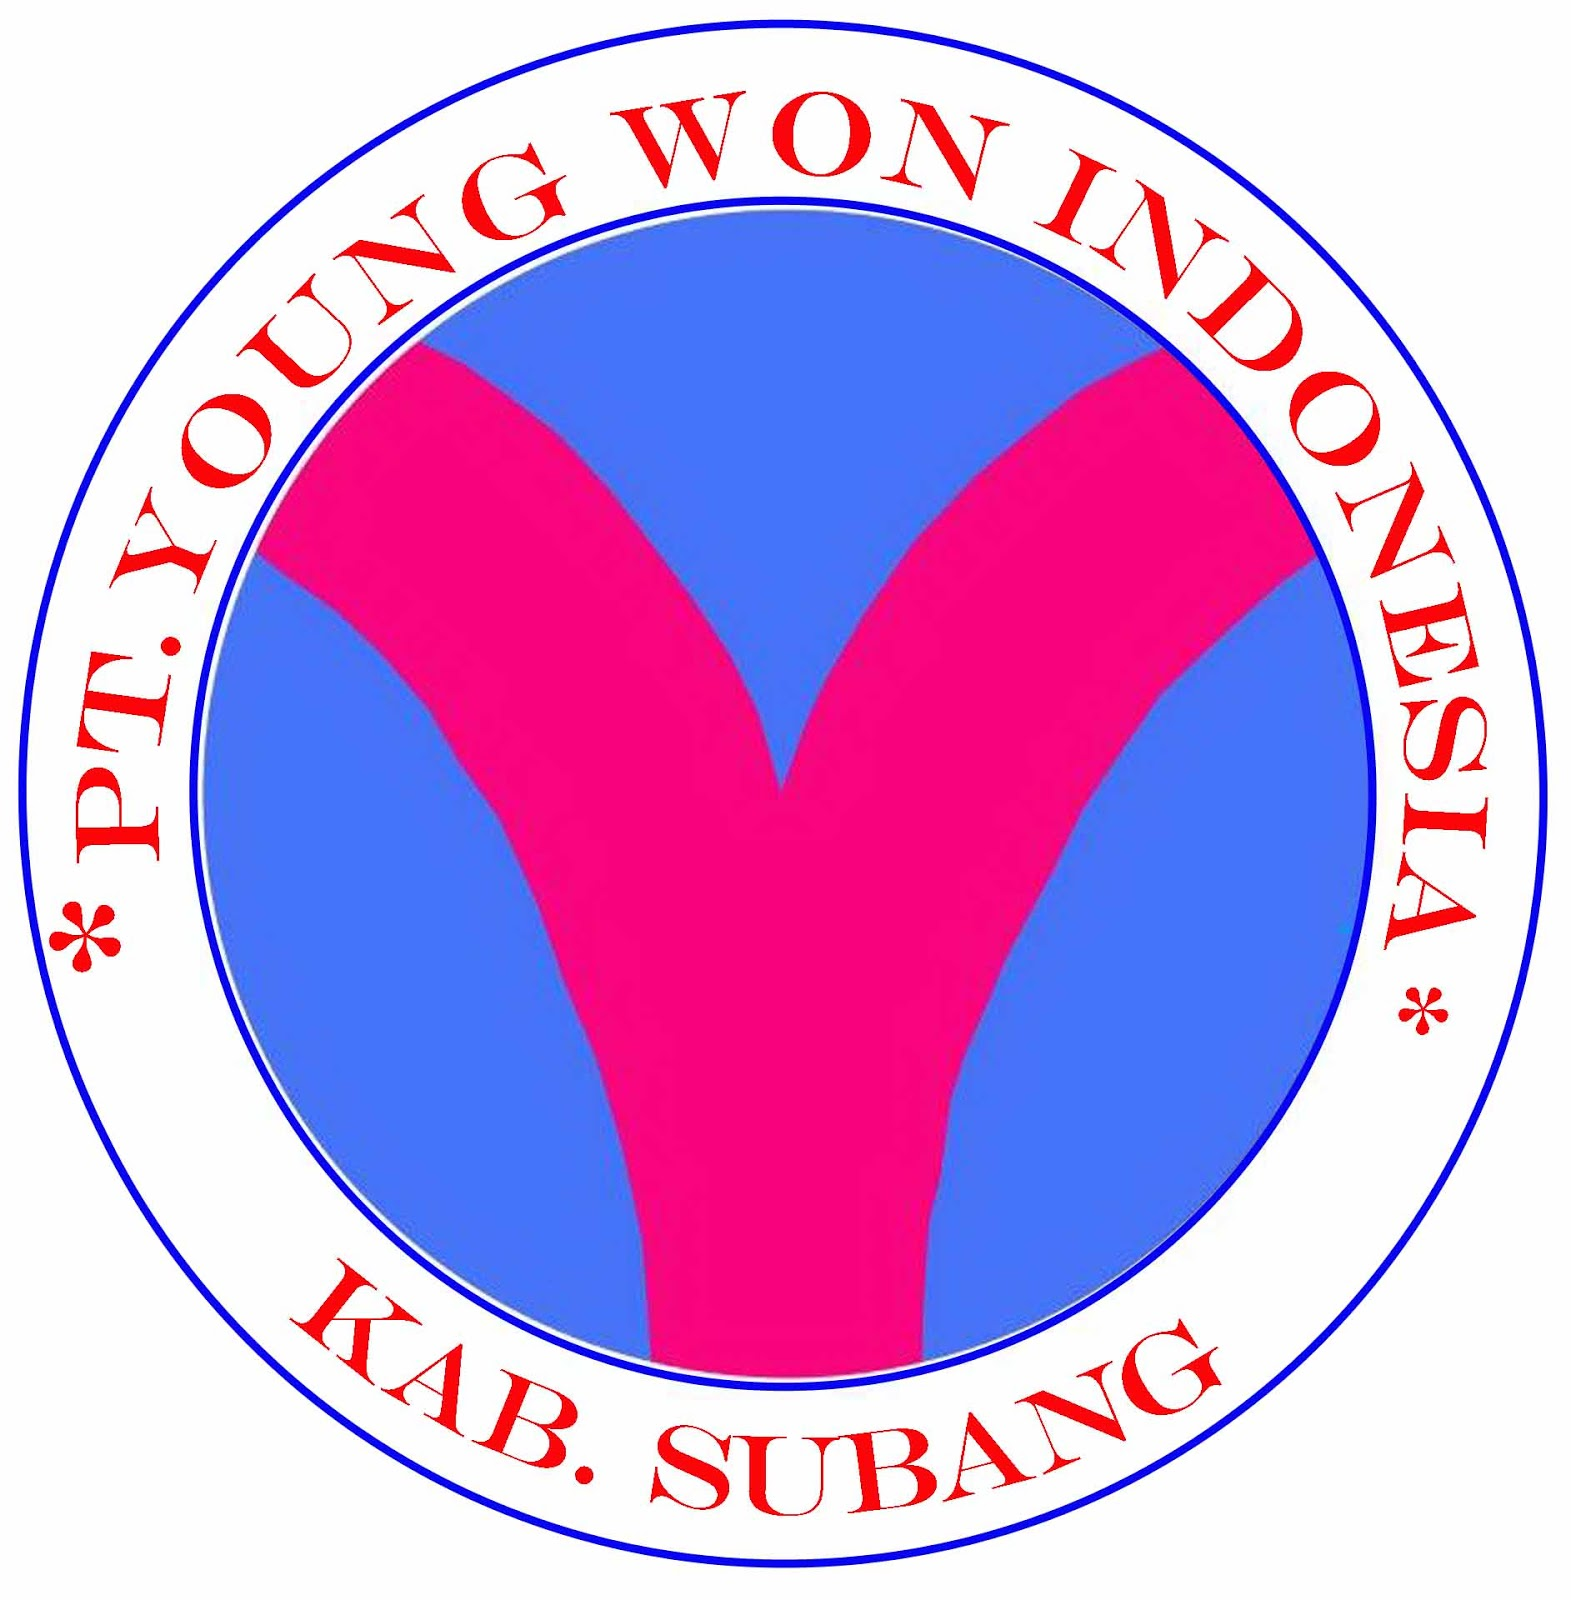 Lowongan Kerja Garment Paling Baru Tahun ini di PT Young Won Indonesia Subang